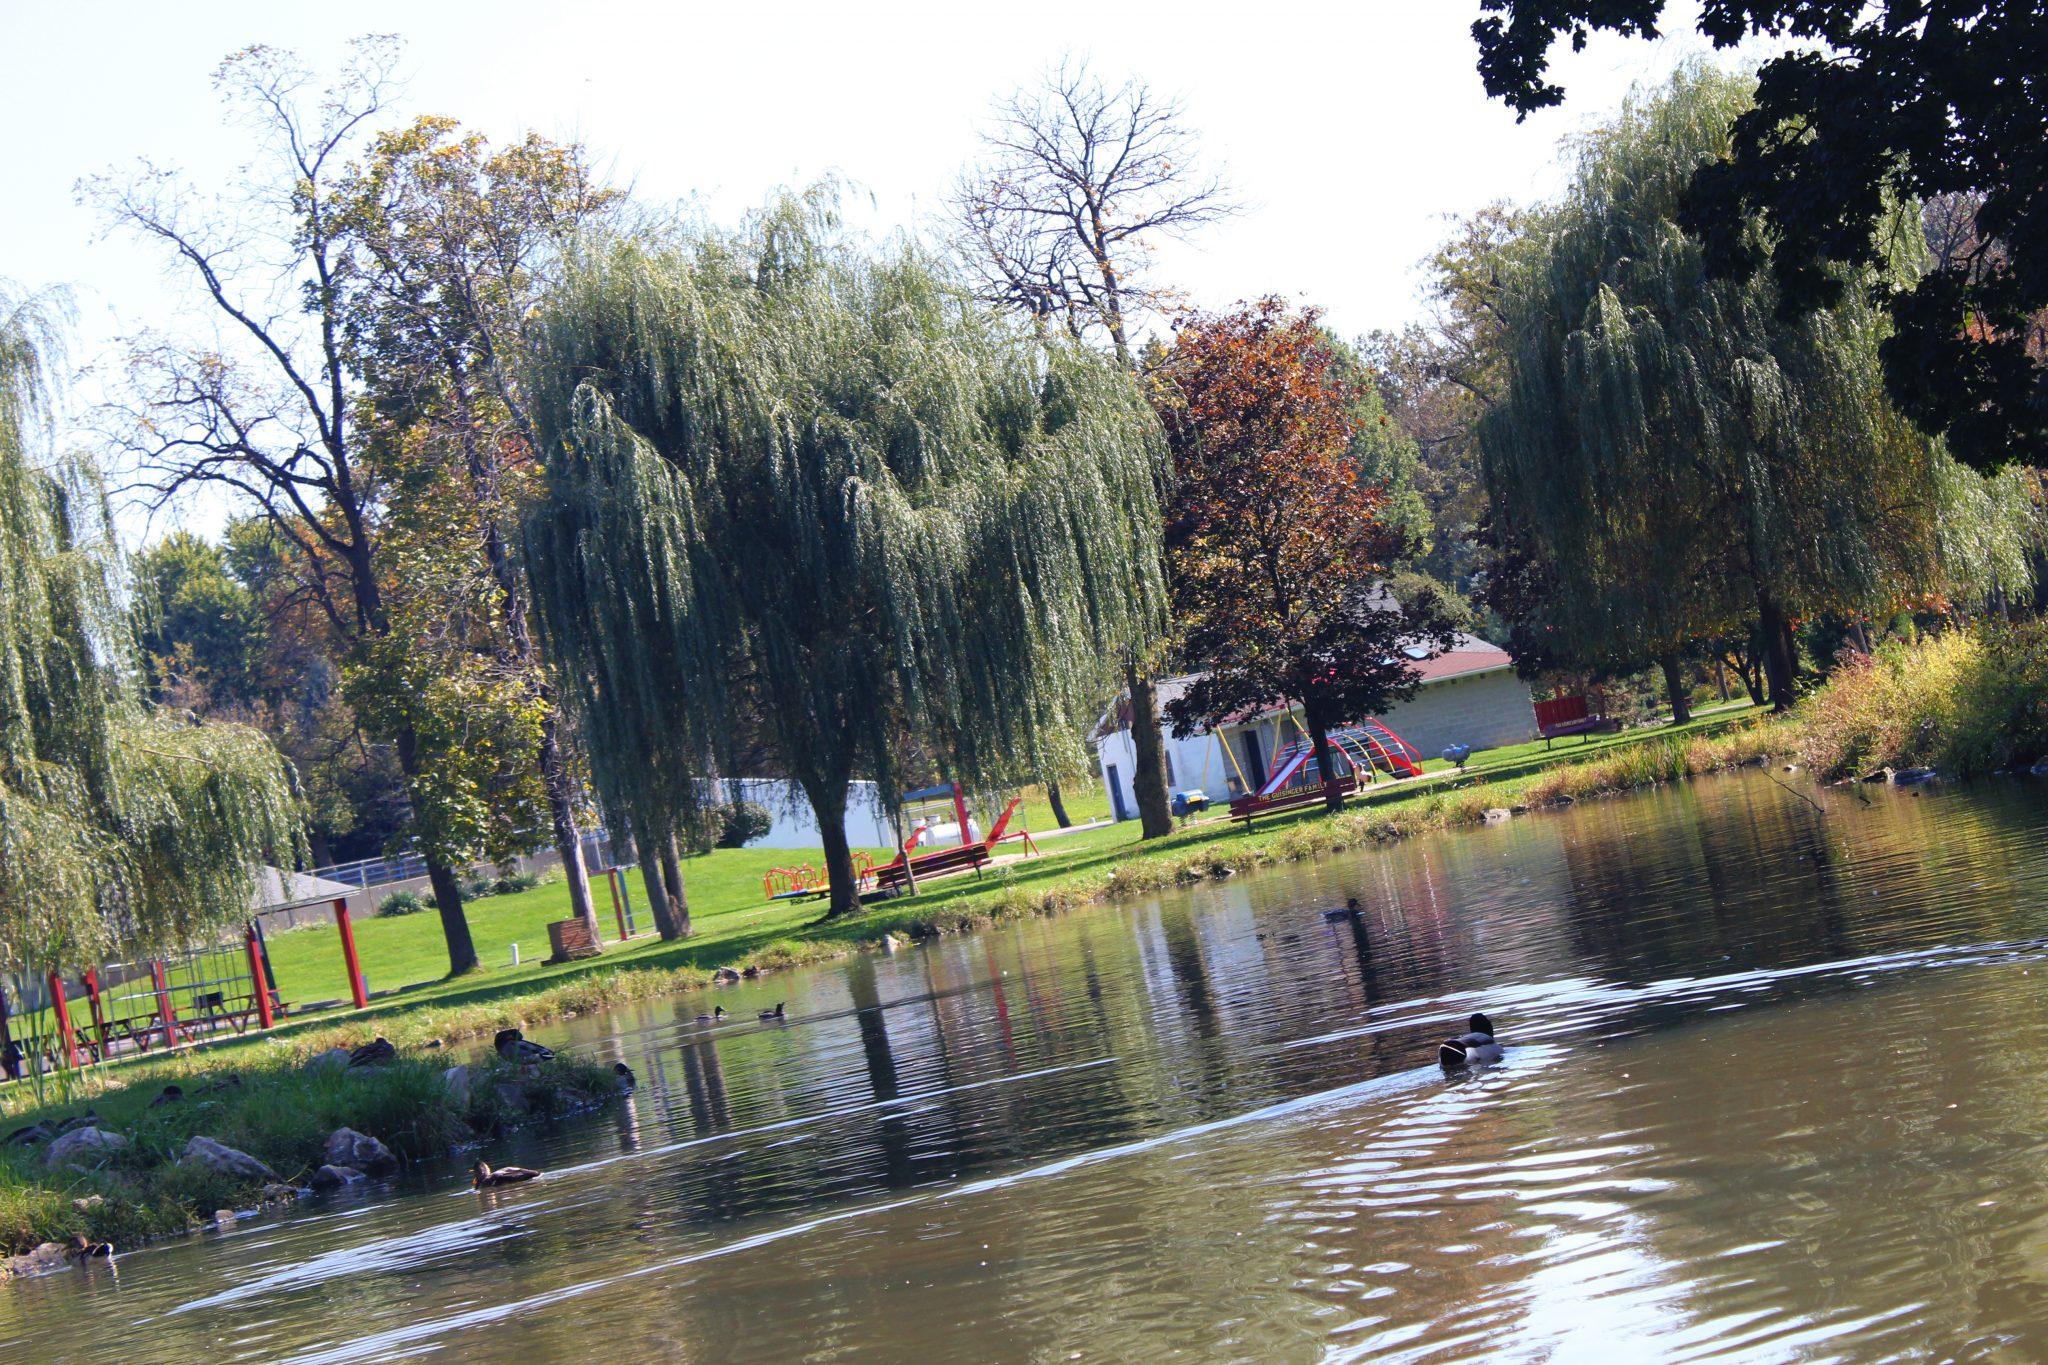 Seltzer Park